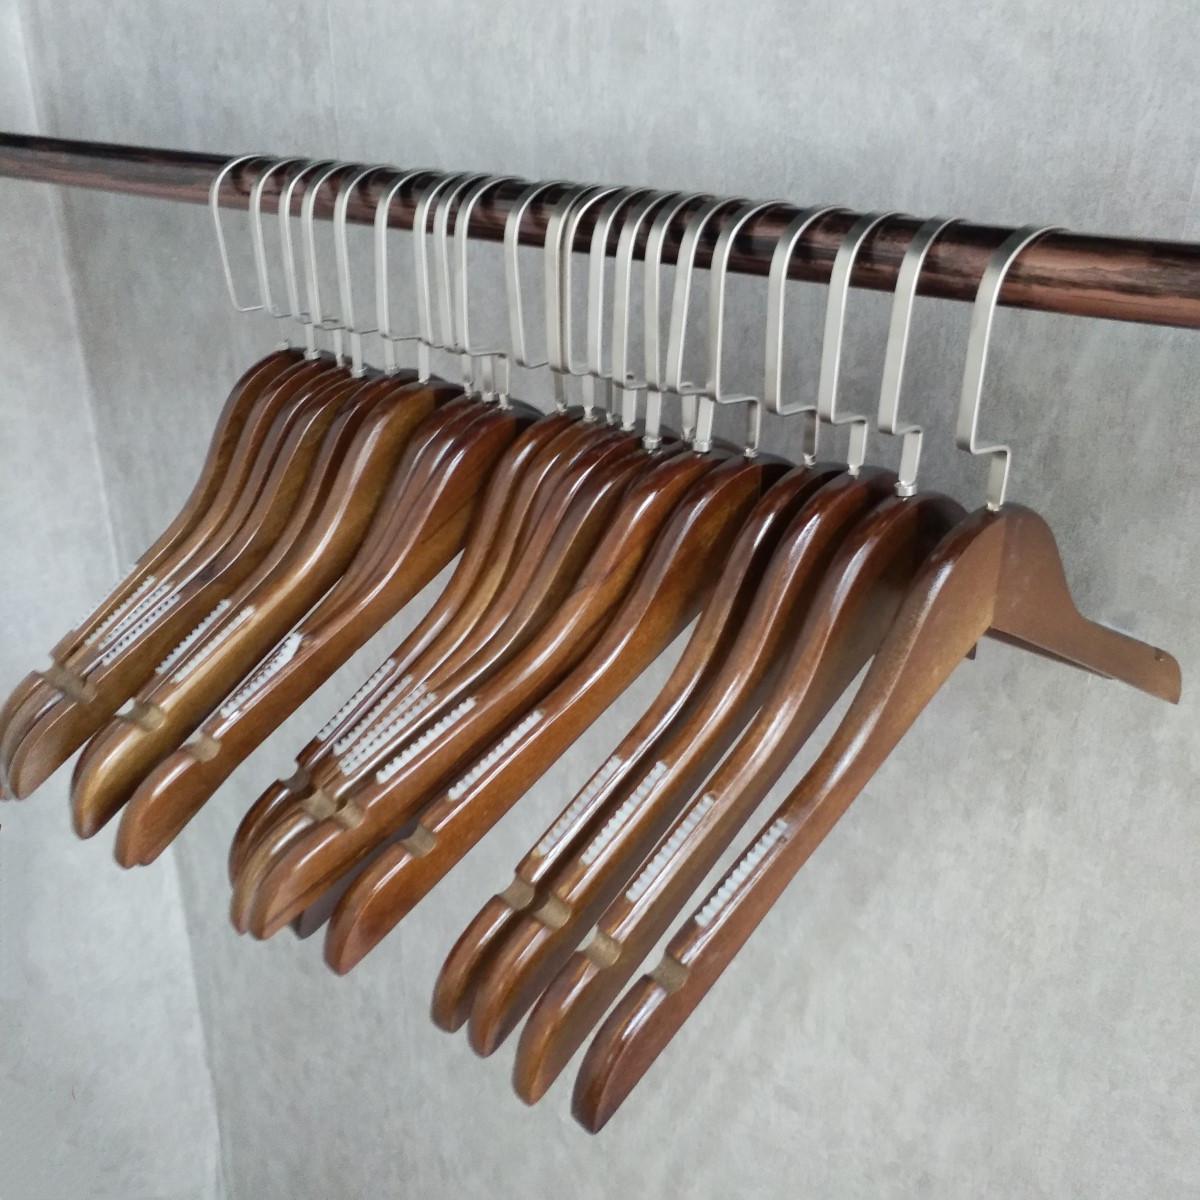 复古实木衣架裤夹木质服装店衣撑子男女装木制防滑衣架无痕包邮